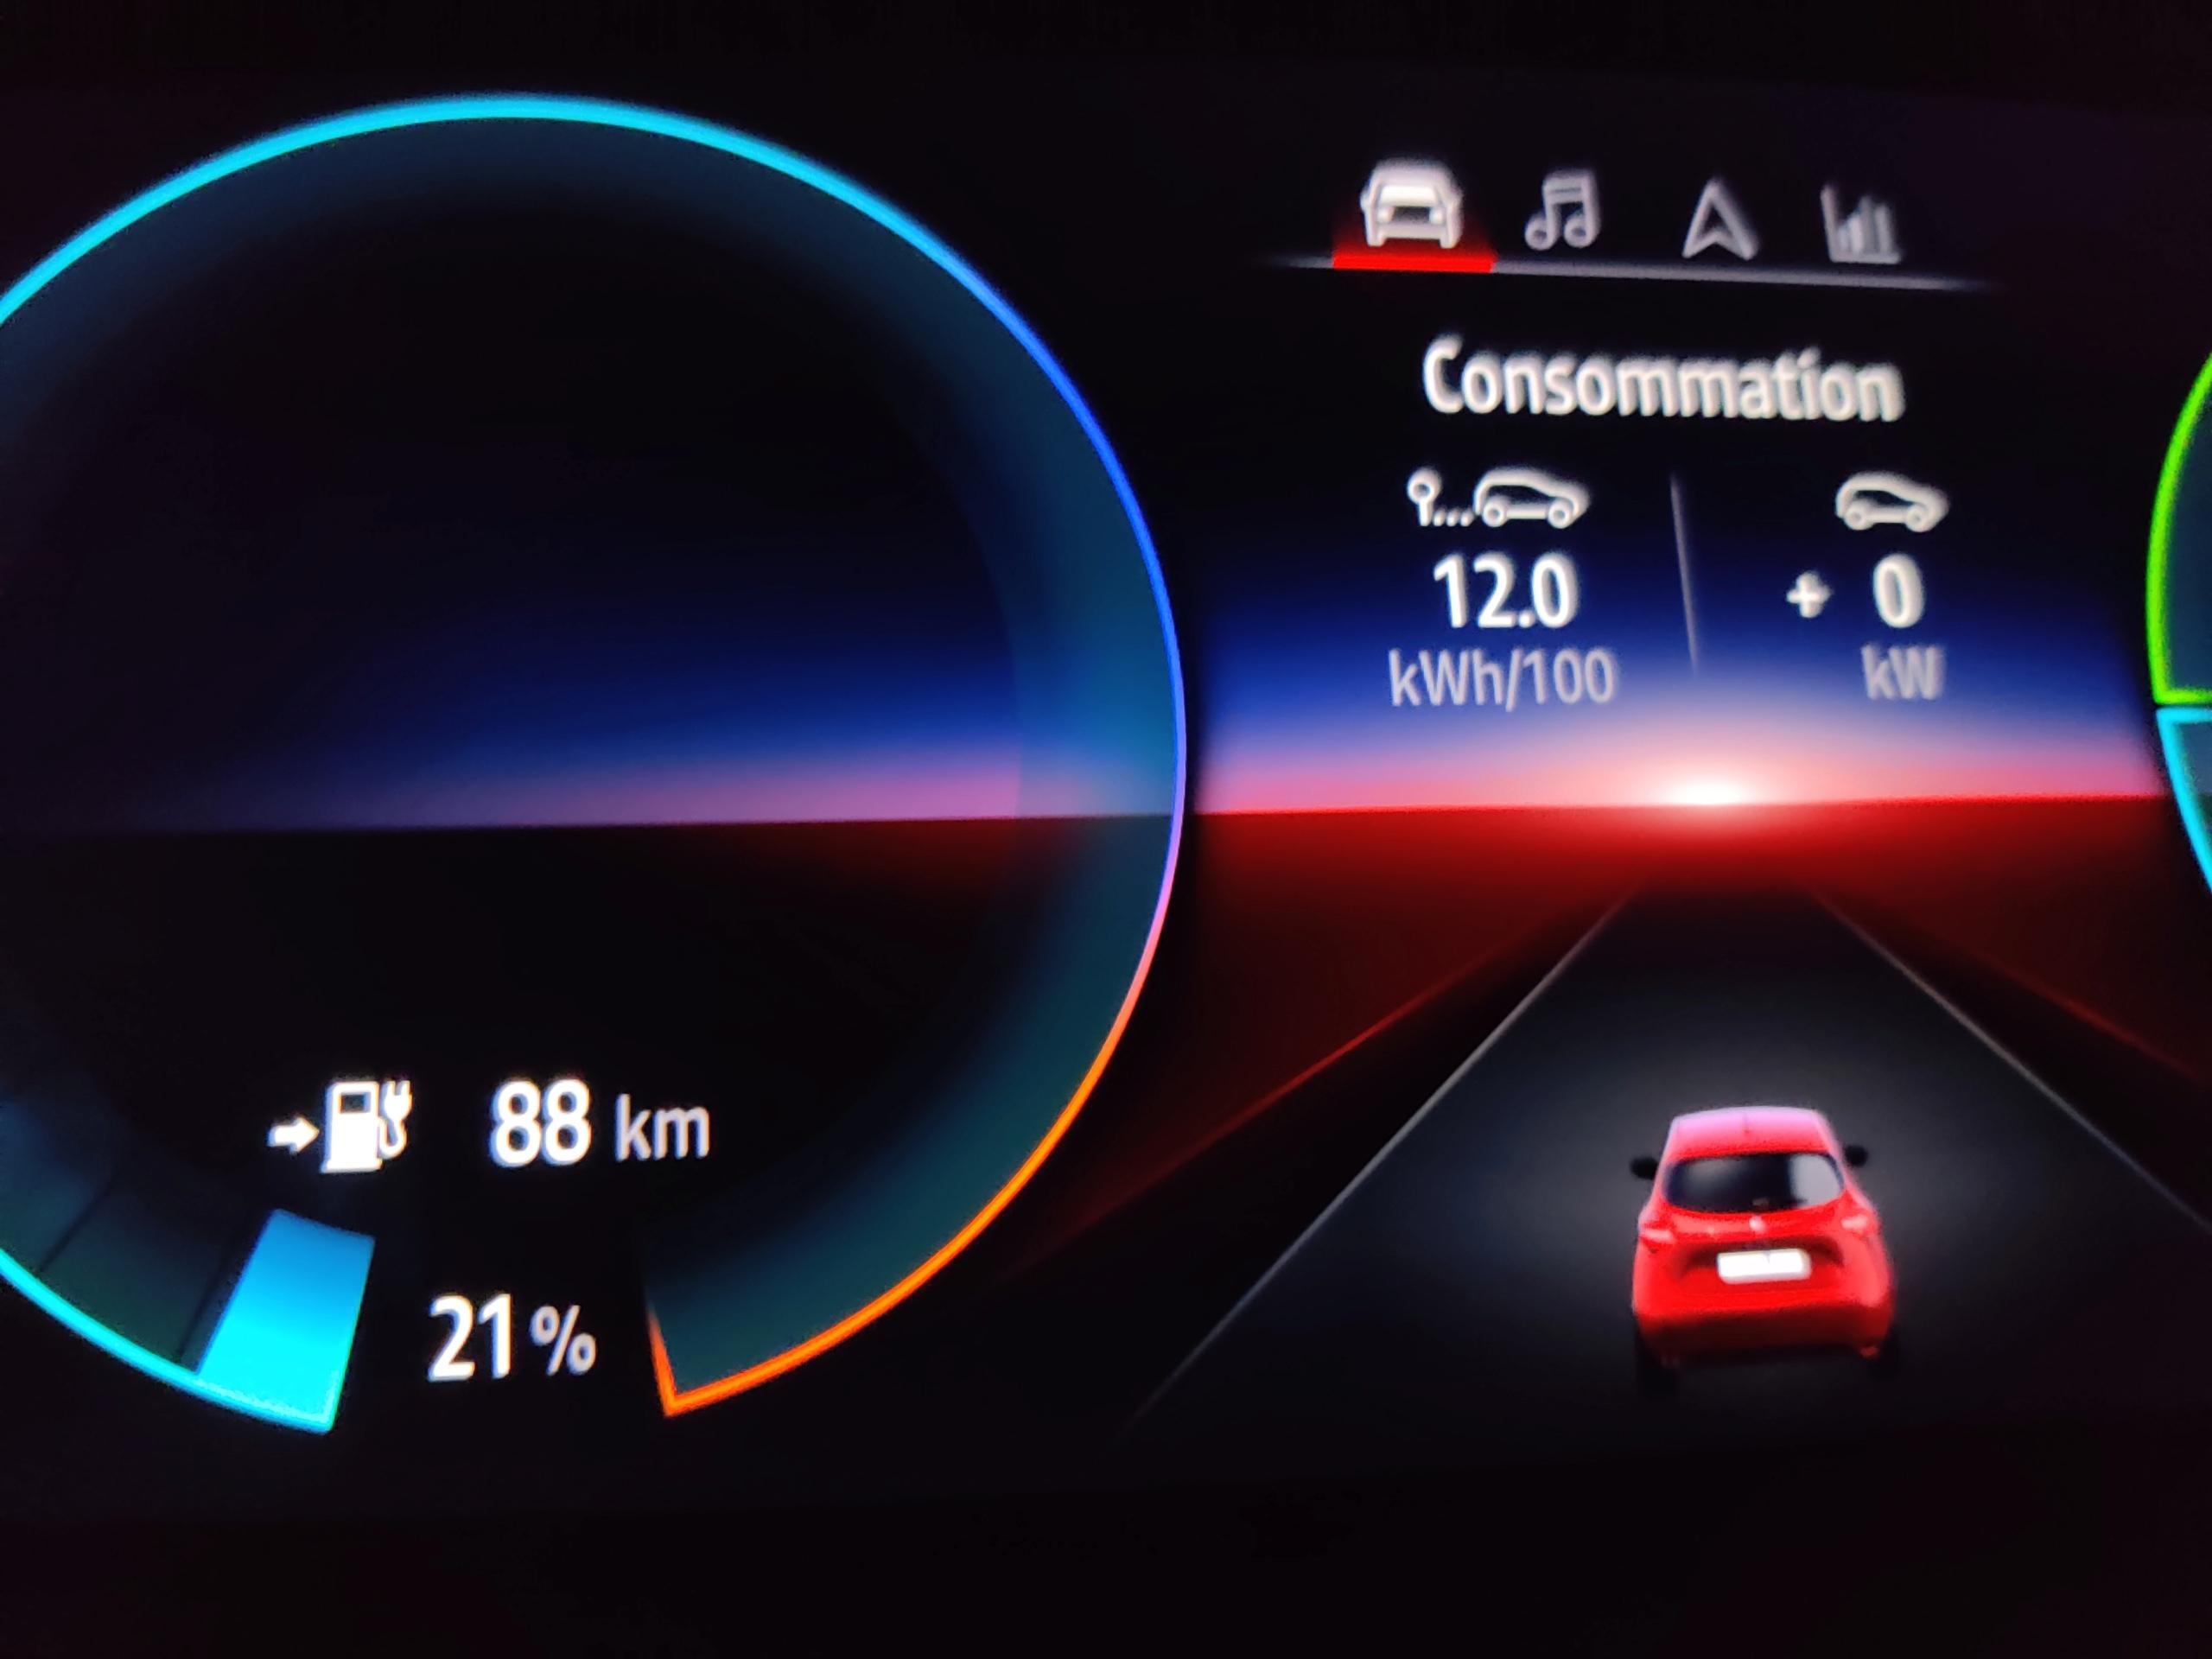 ZE50 : Estimation de la capacité utile de la batterie grâce à vos trajets ! - Page 13 Img_2072